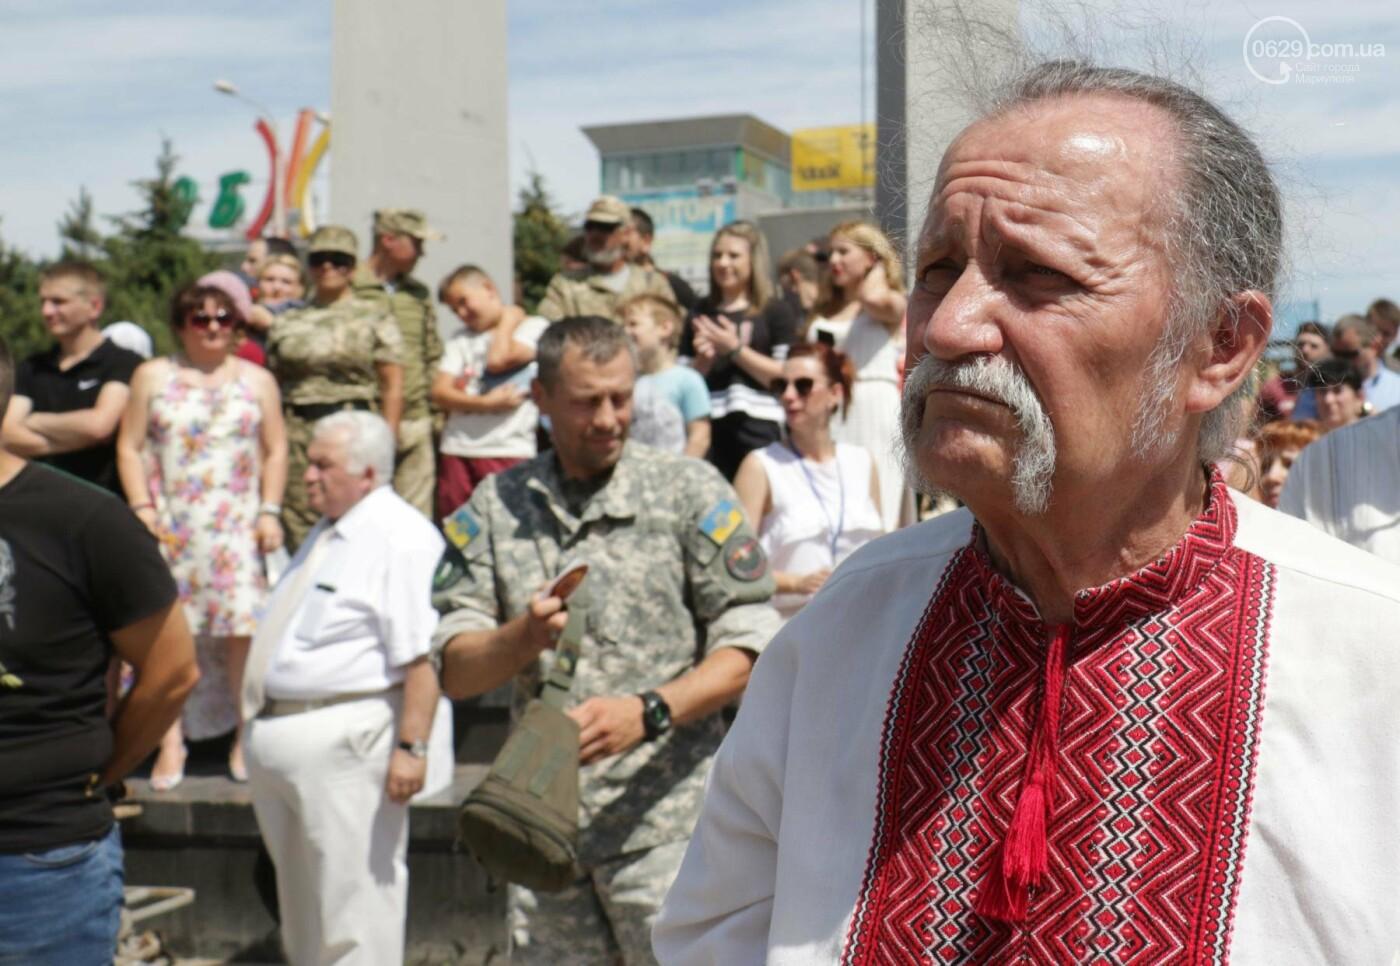 Как в Мариуполе отпраздновали четвертую годовщину освобождения в 30-ти фотографиях, - ФОТОРЕПОРТАЖ, фото-6